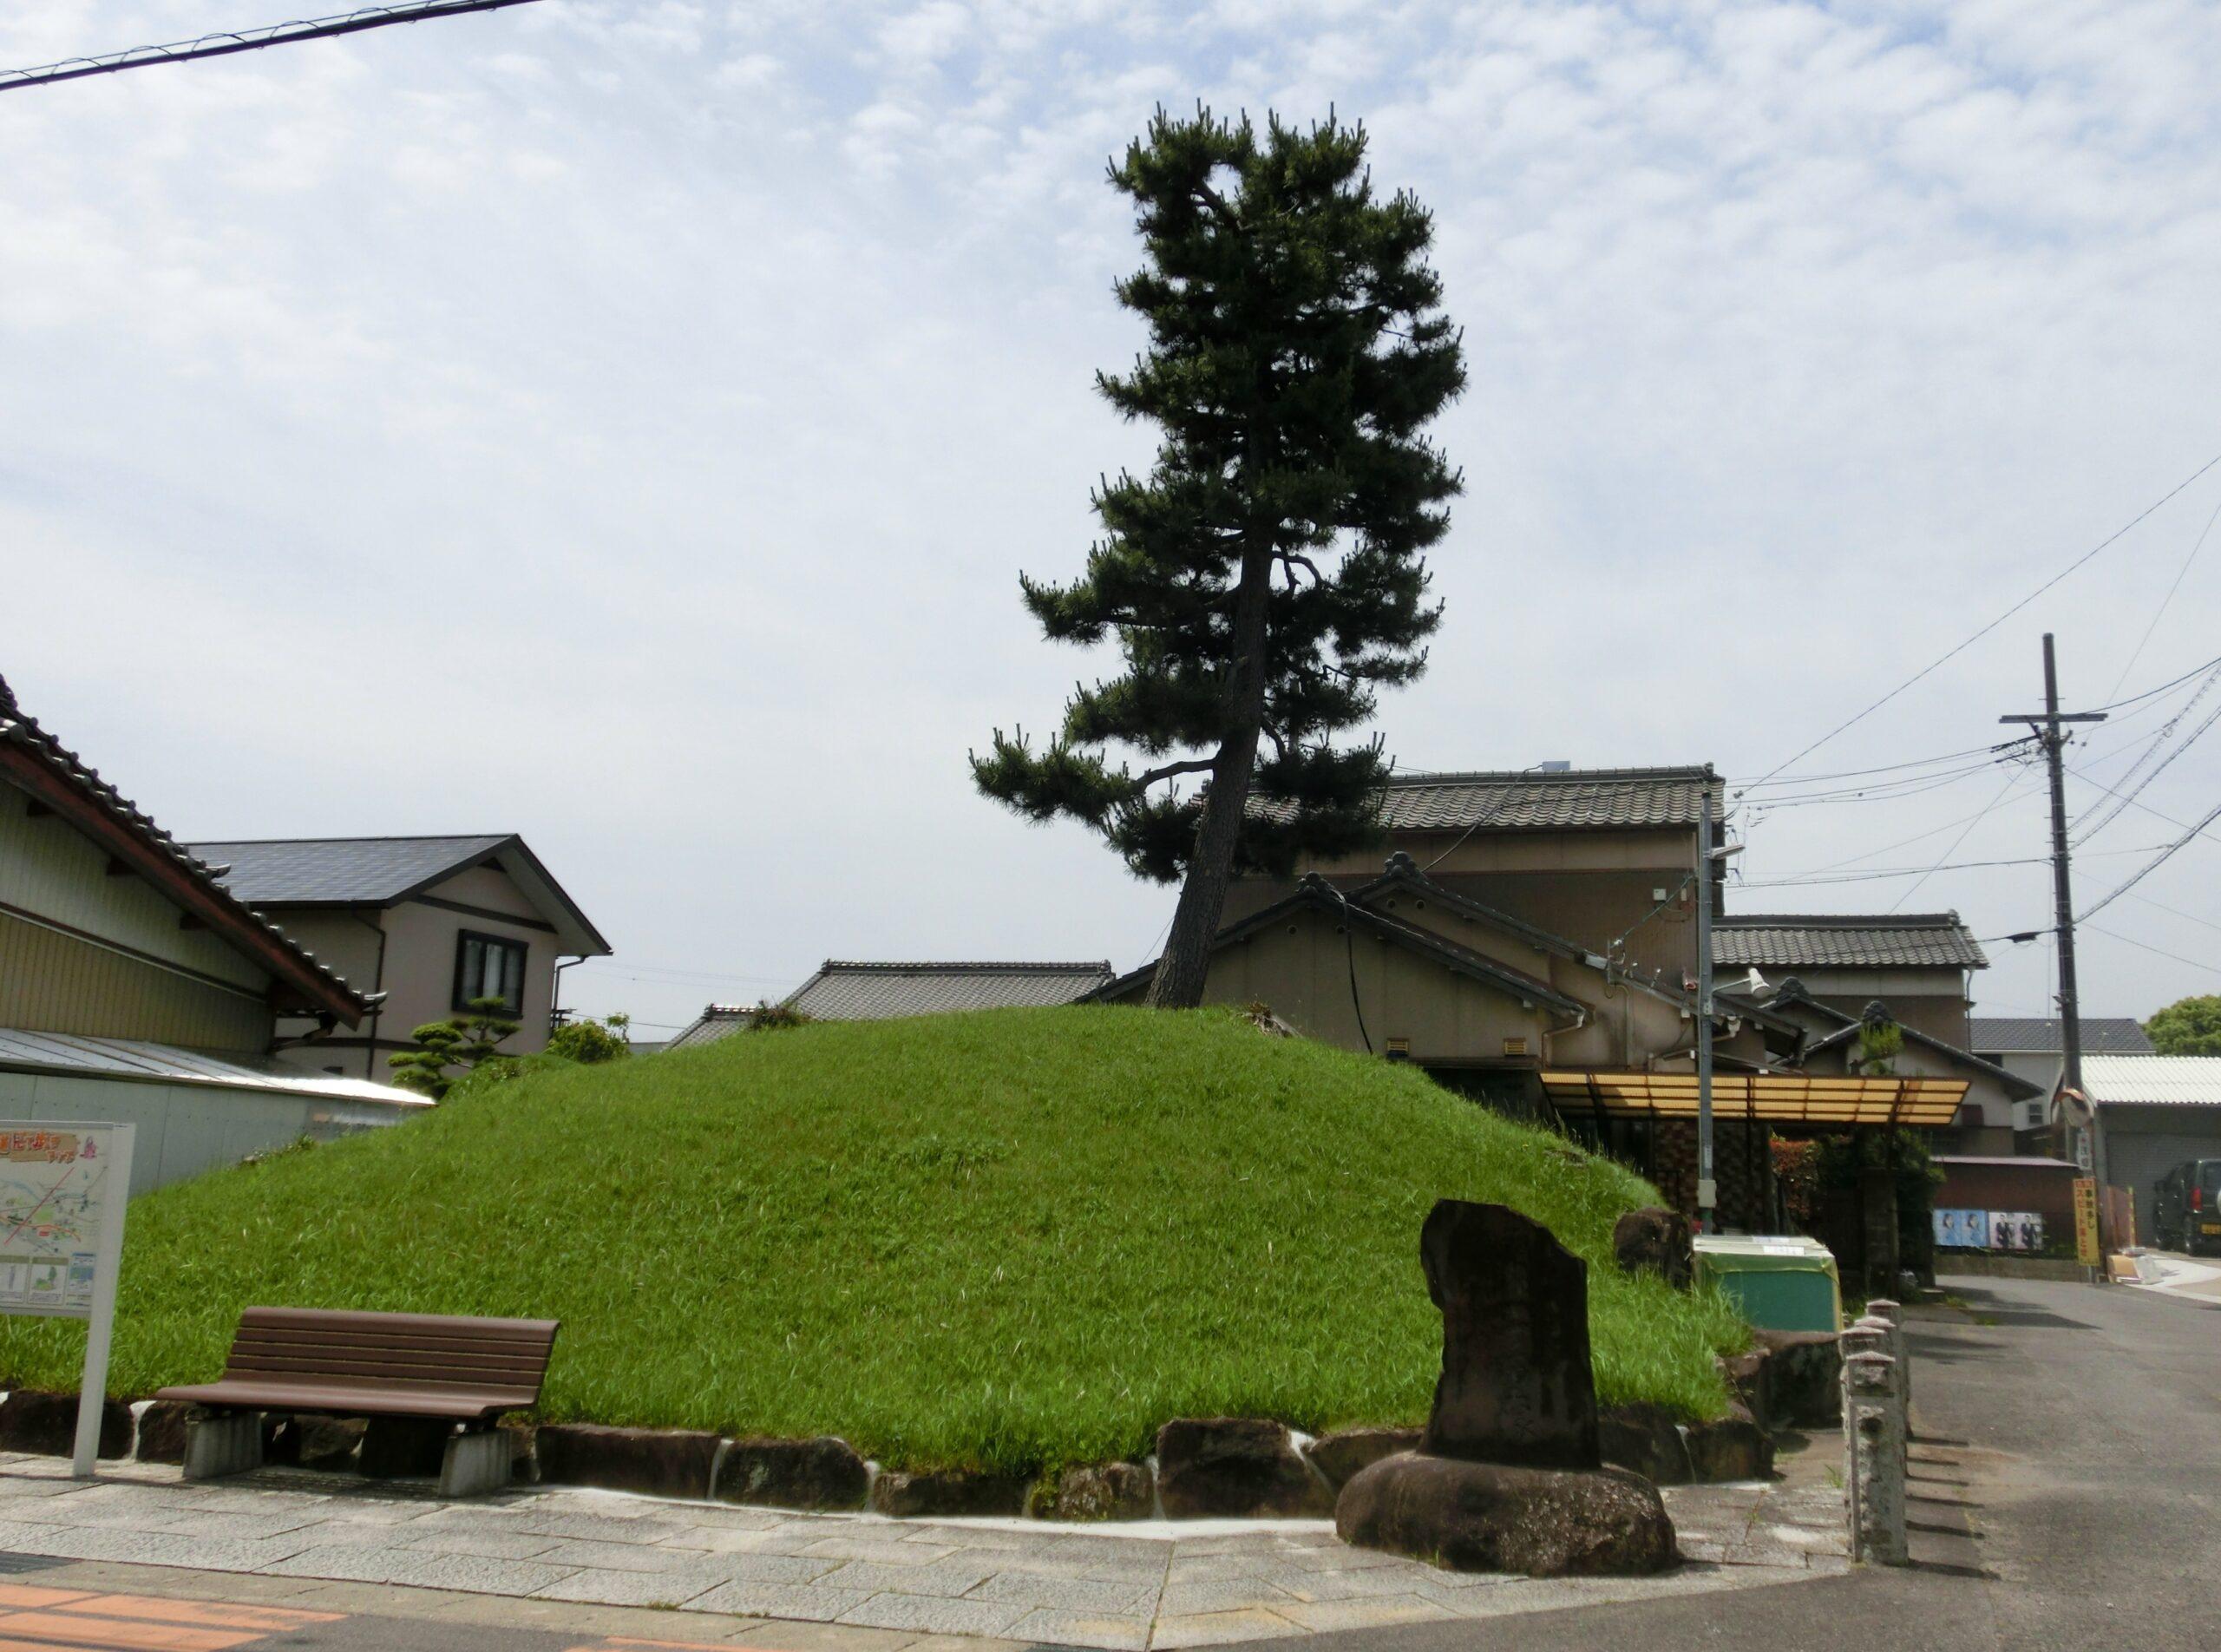 来迎寺一里塚の写真